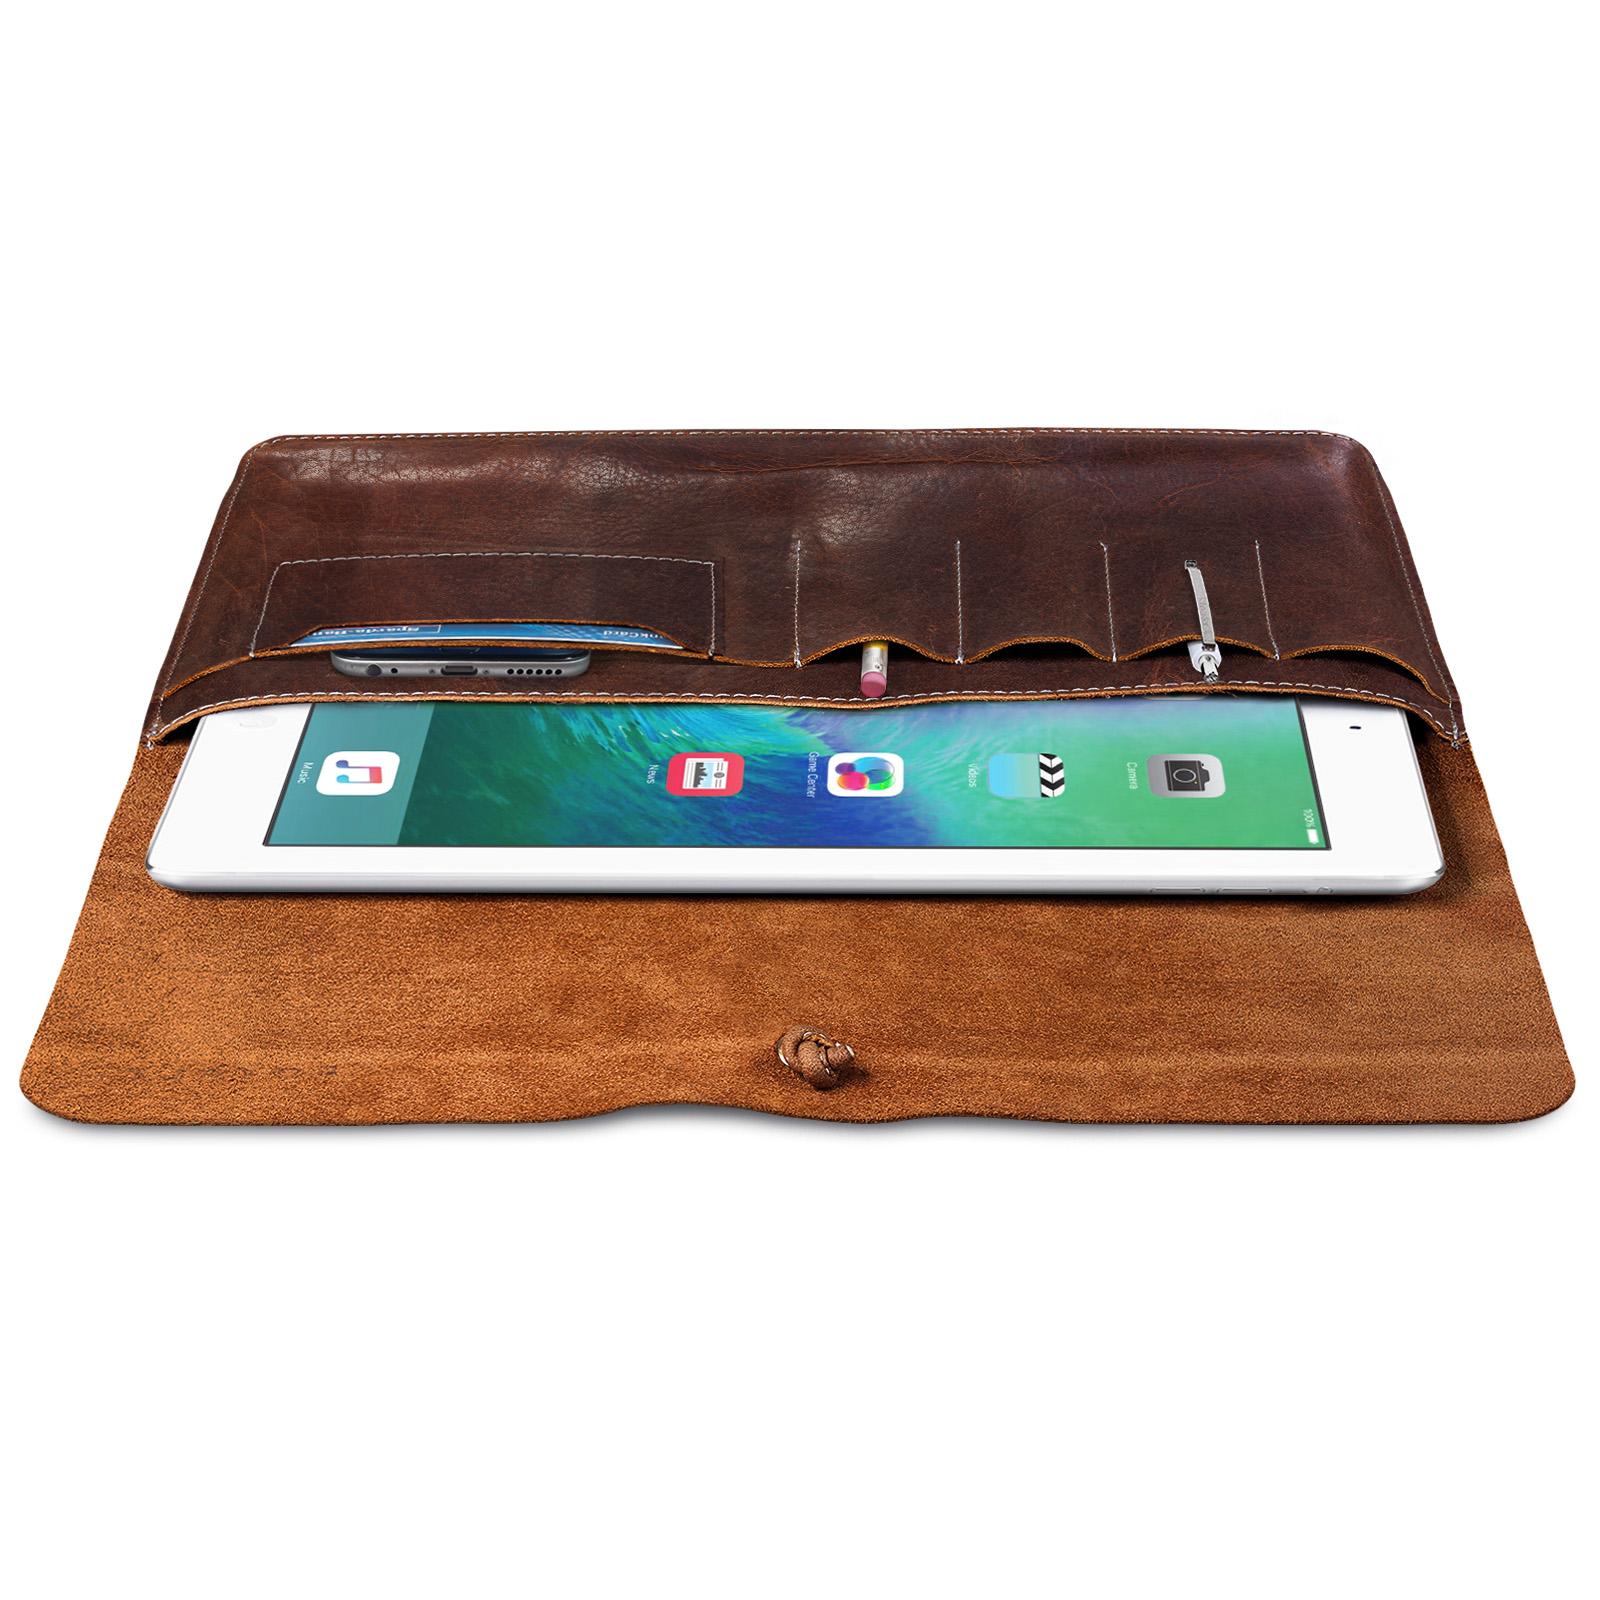 Tablettasche Leder Vintage Design braun 10.1 Zoll